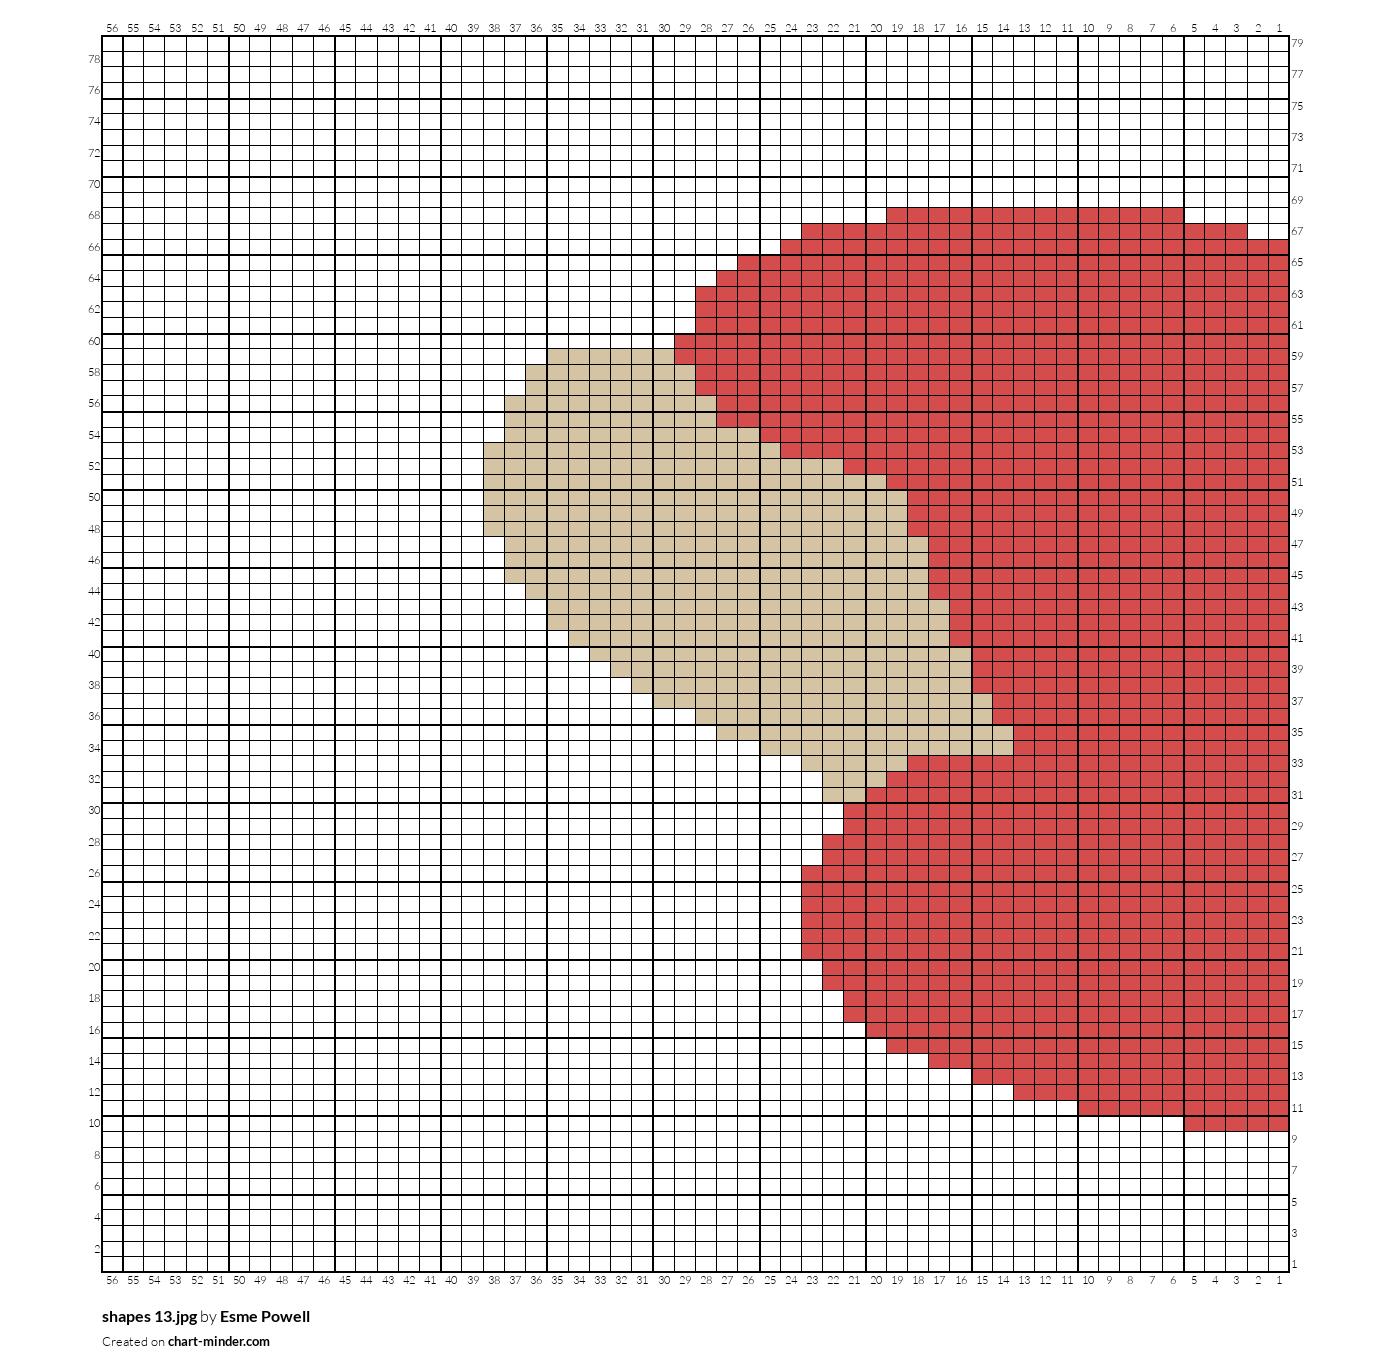 shapes 13.jpg